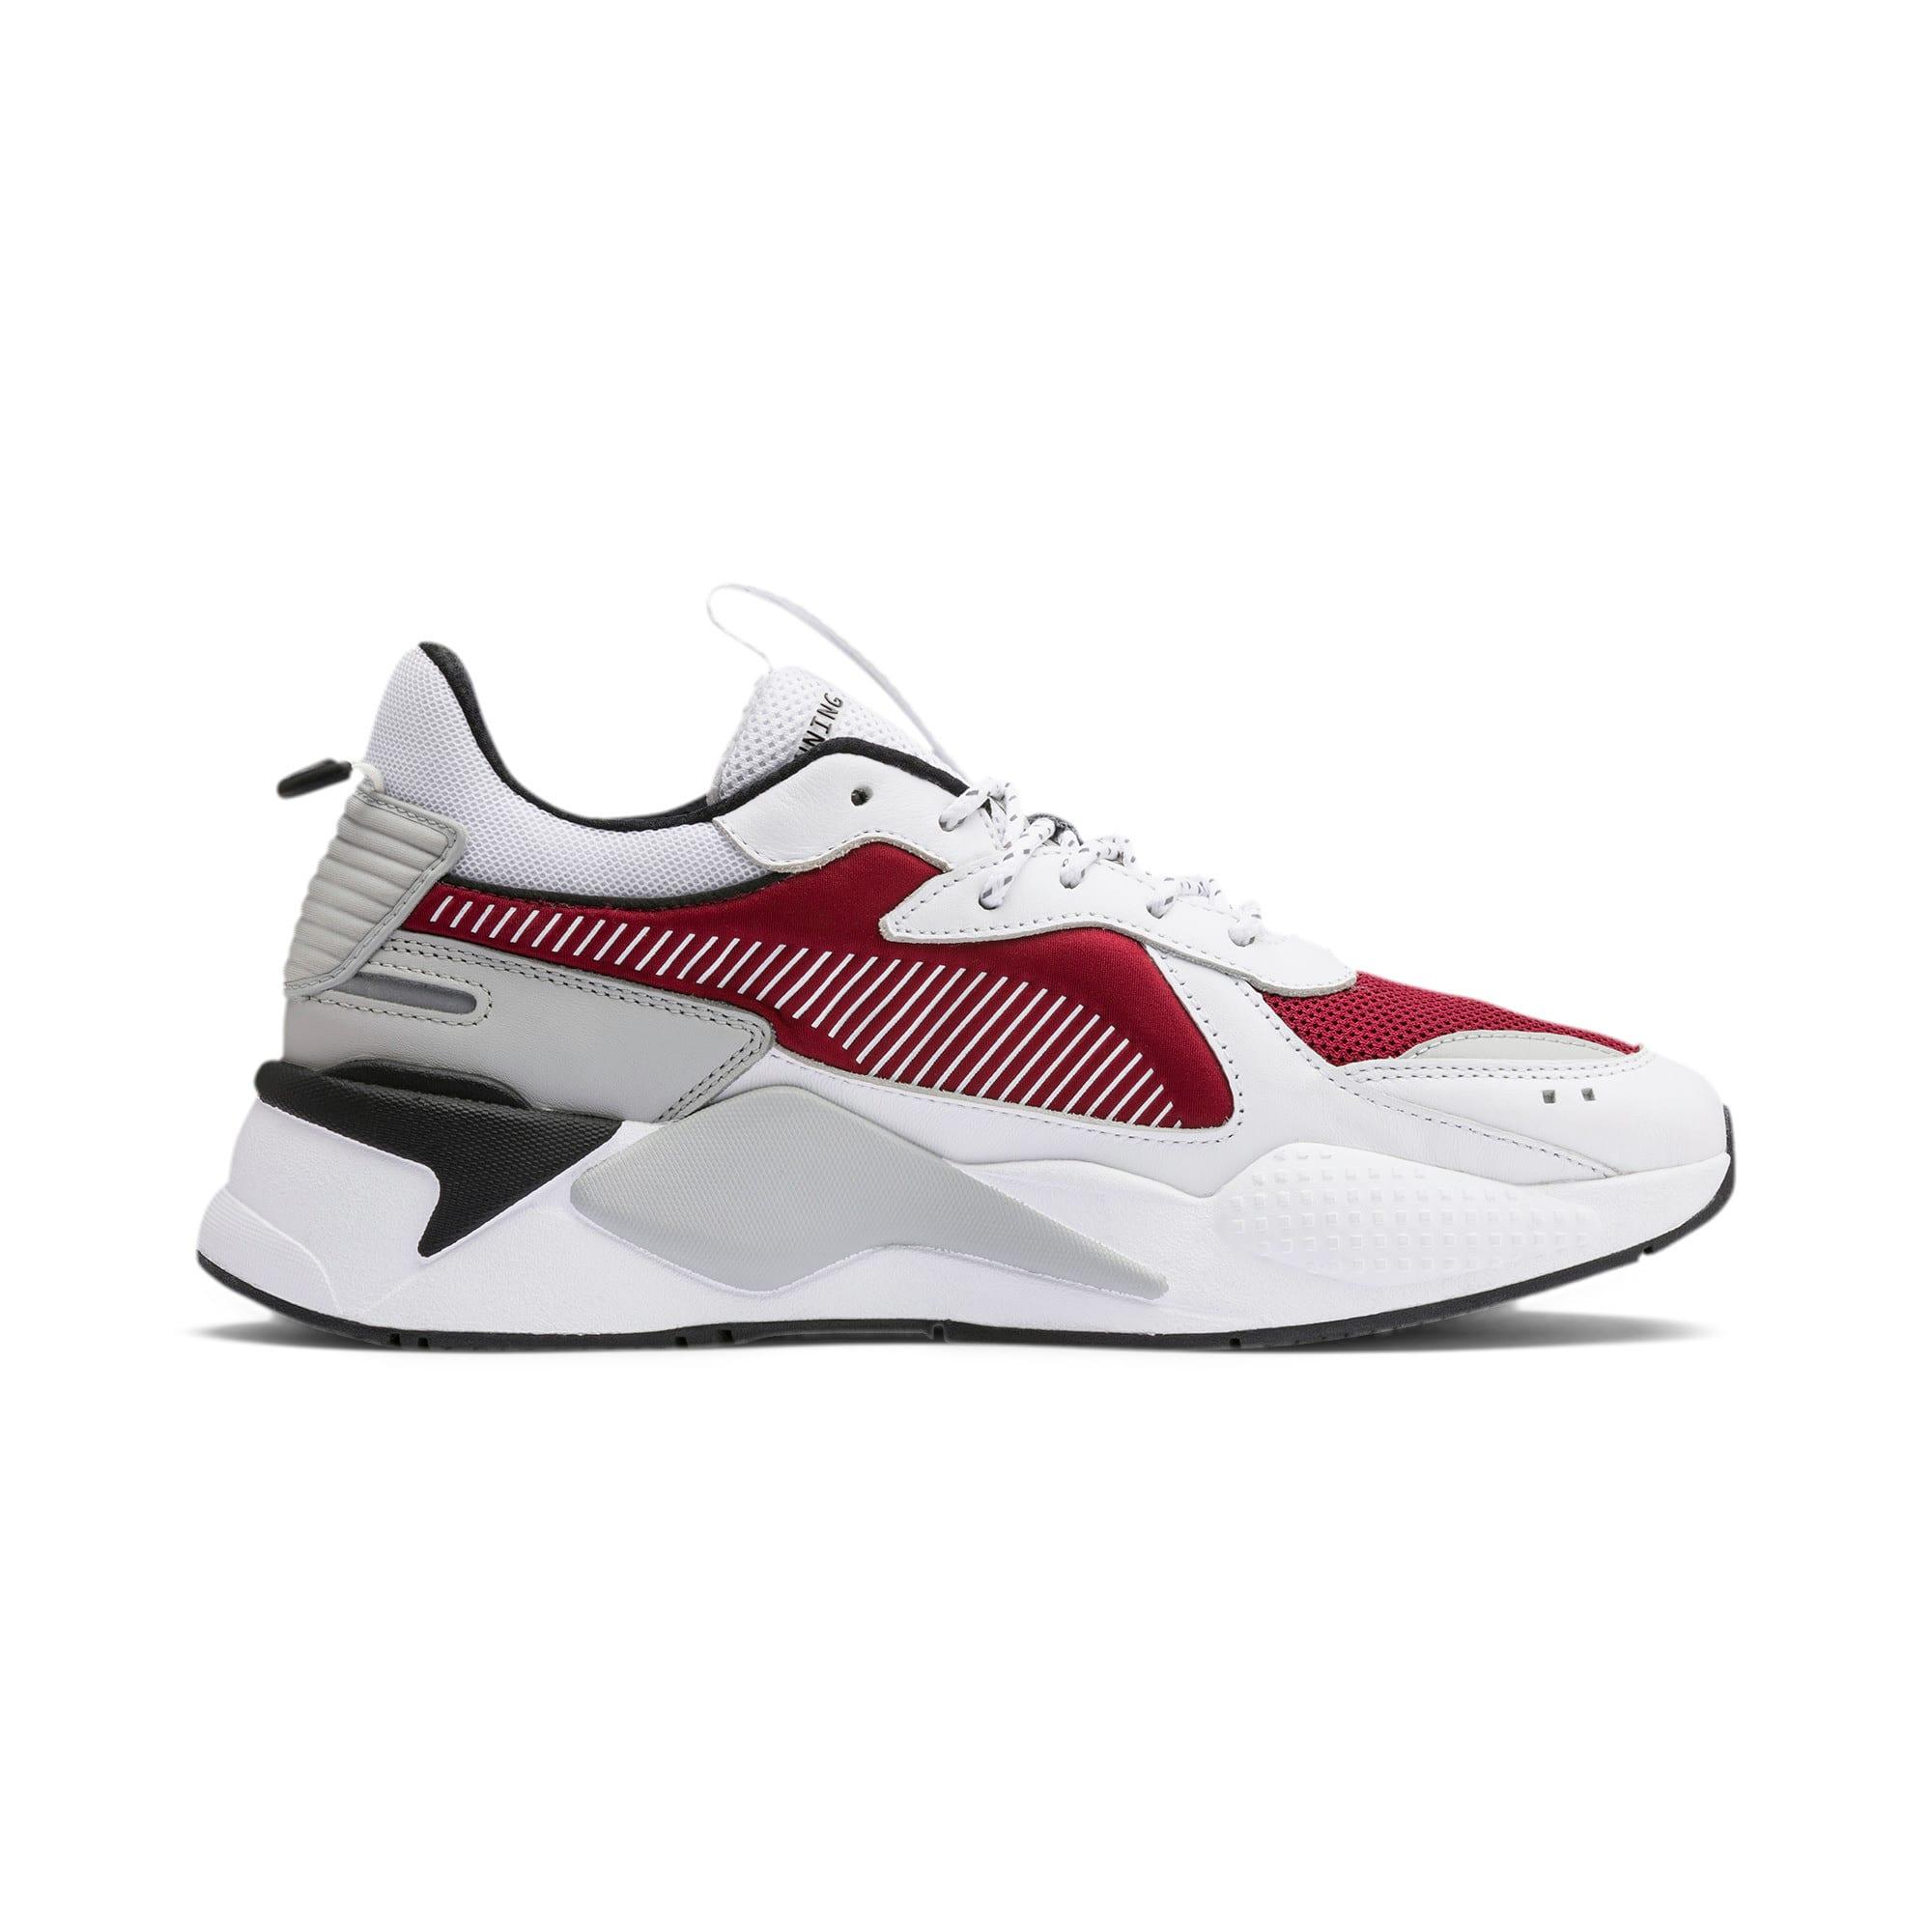 Thumbnail 6 of RS-X Sneaker, Puma White-Rhubarb, medium